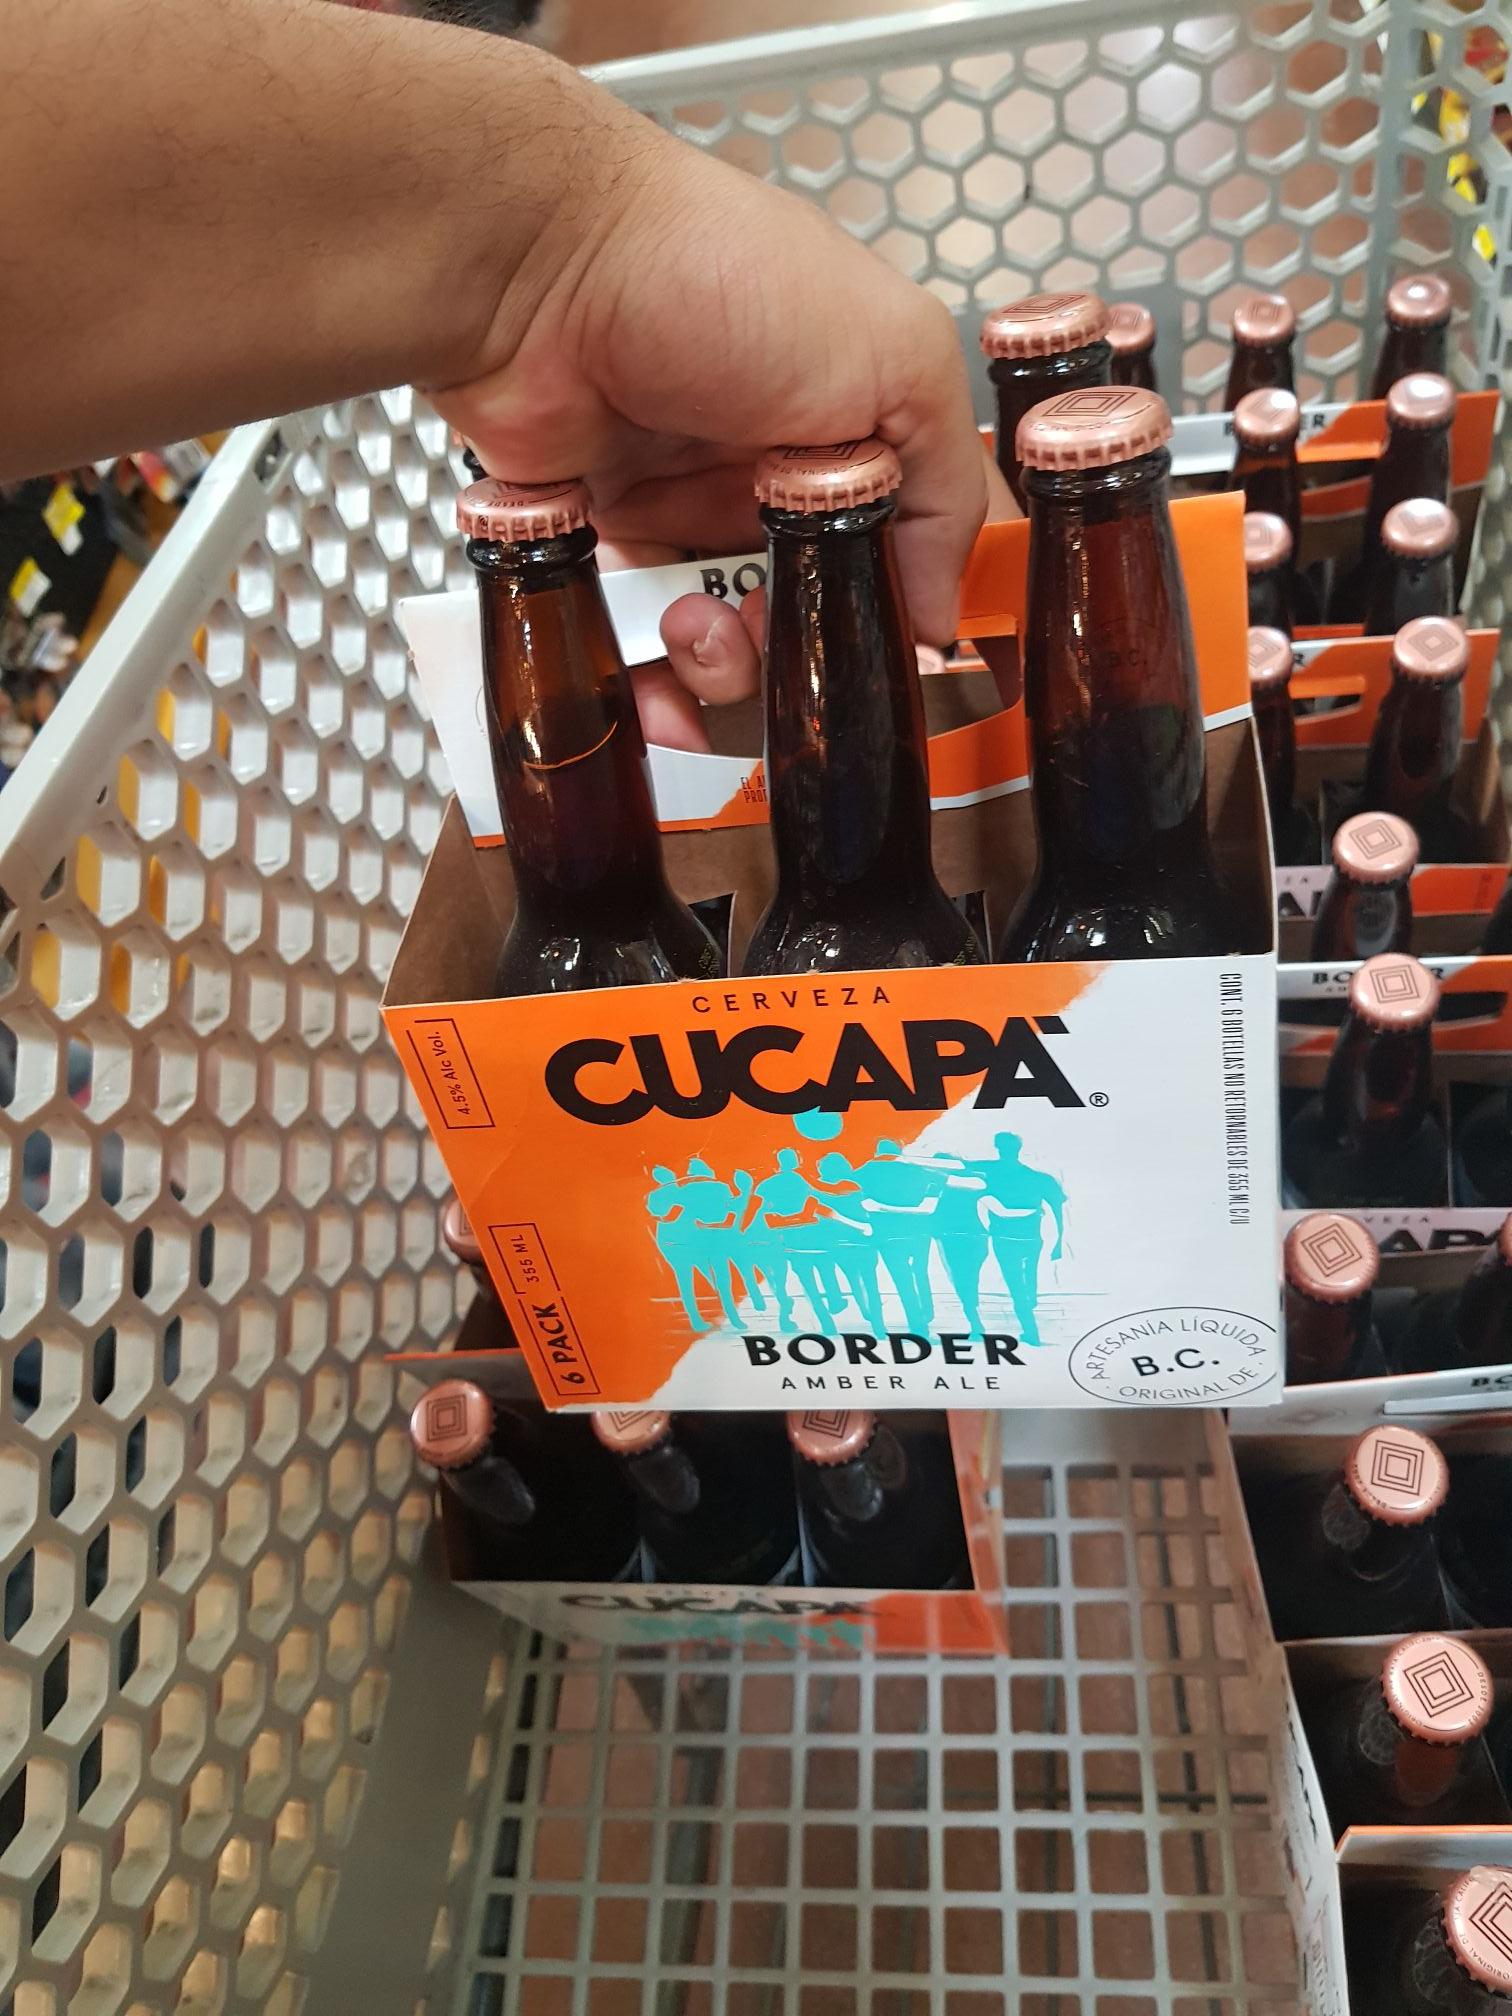 Walmart: Cerveza Cucapá Amber Ale